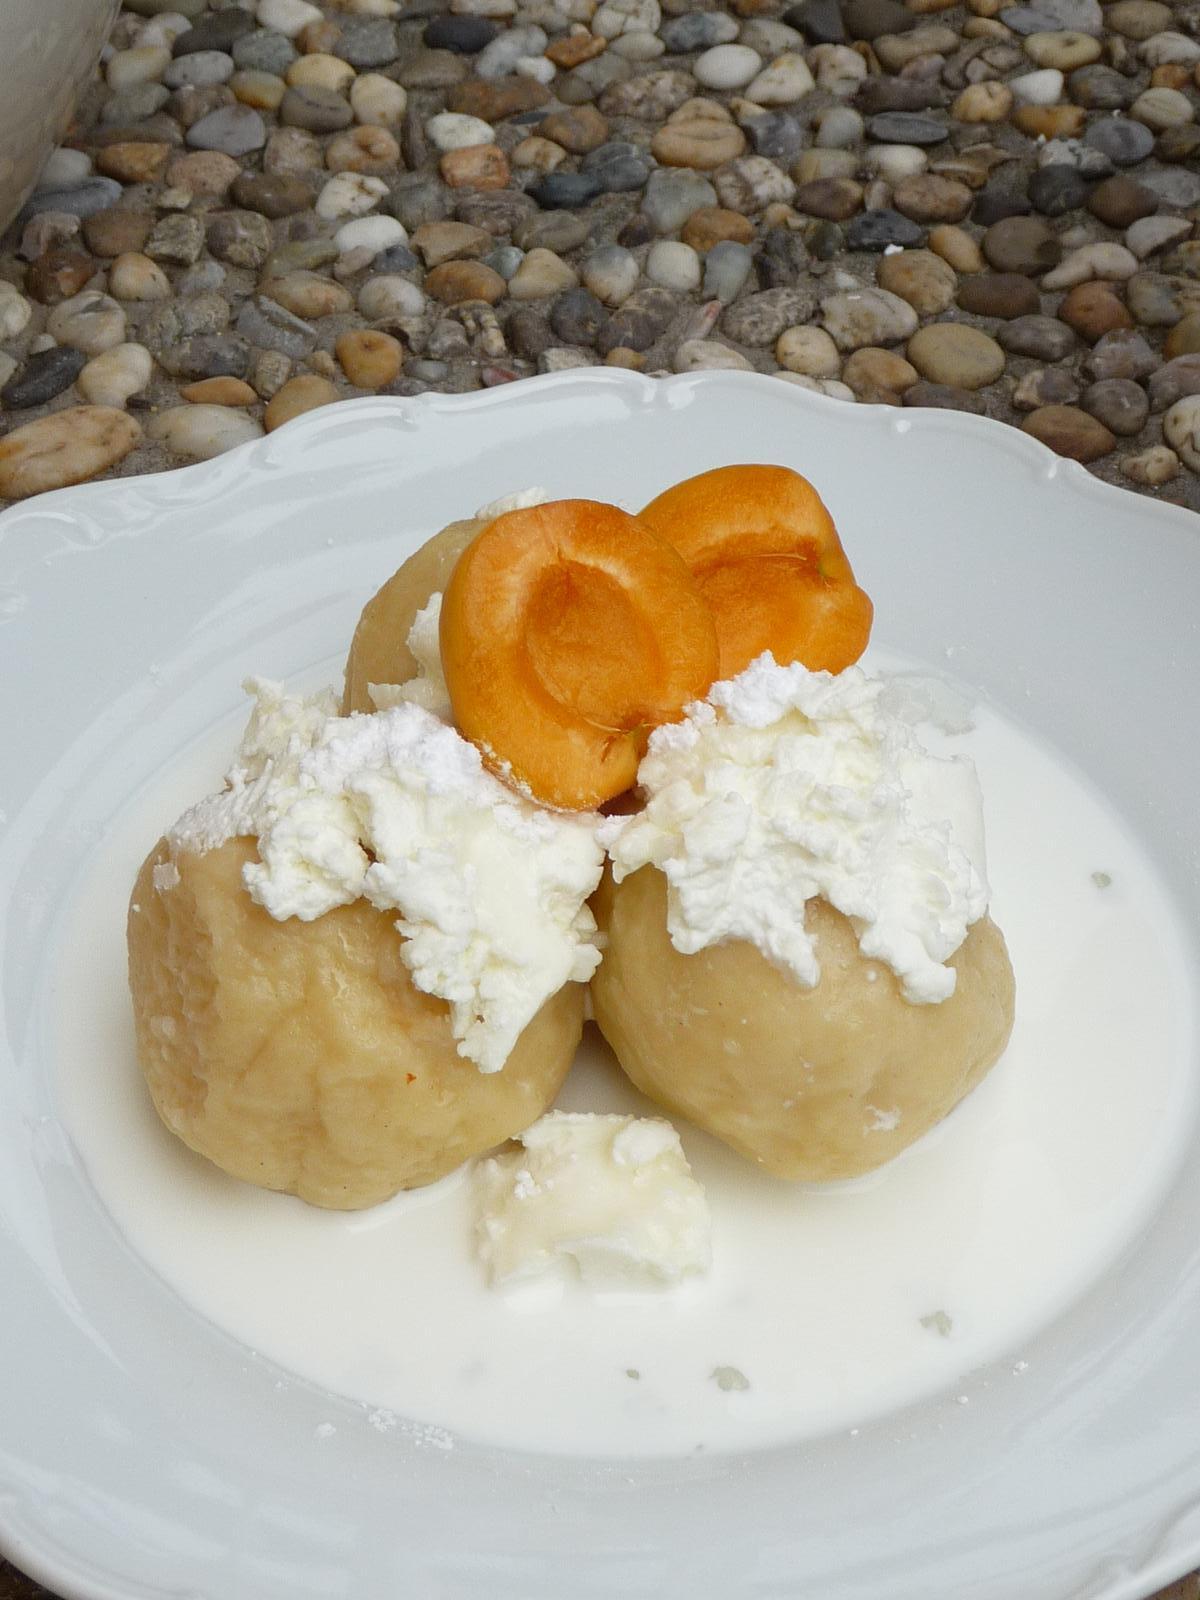 Z mého kuchařského deníku - tvarohové knedlíky s meruňkama